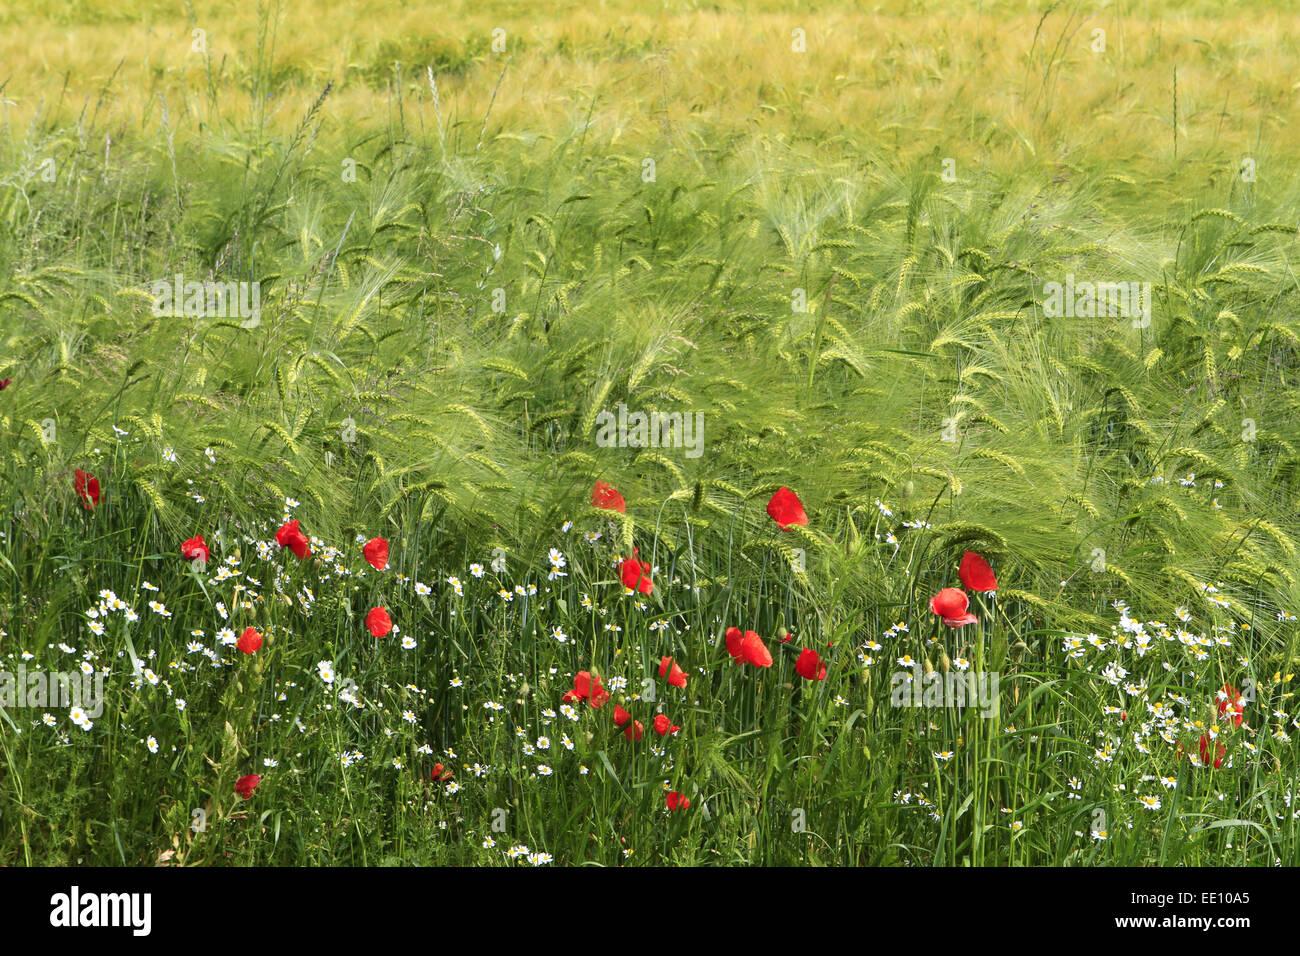 Buntes Getreidefeld mit Mohnblumen (Papaver rhoeas) und Kornblumen (Centaurea cyanus), Insel Ruegen, Mecklenburg-Vorpommern, Ost Stock Photo